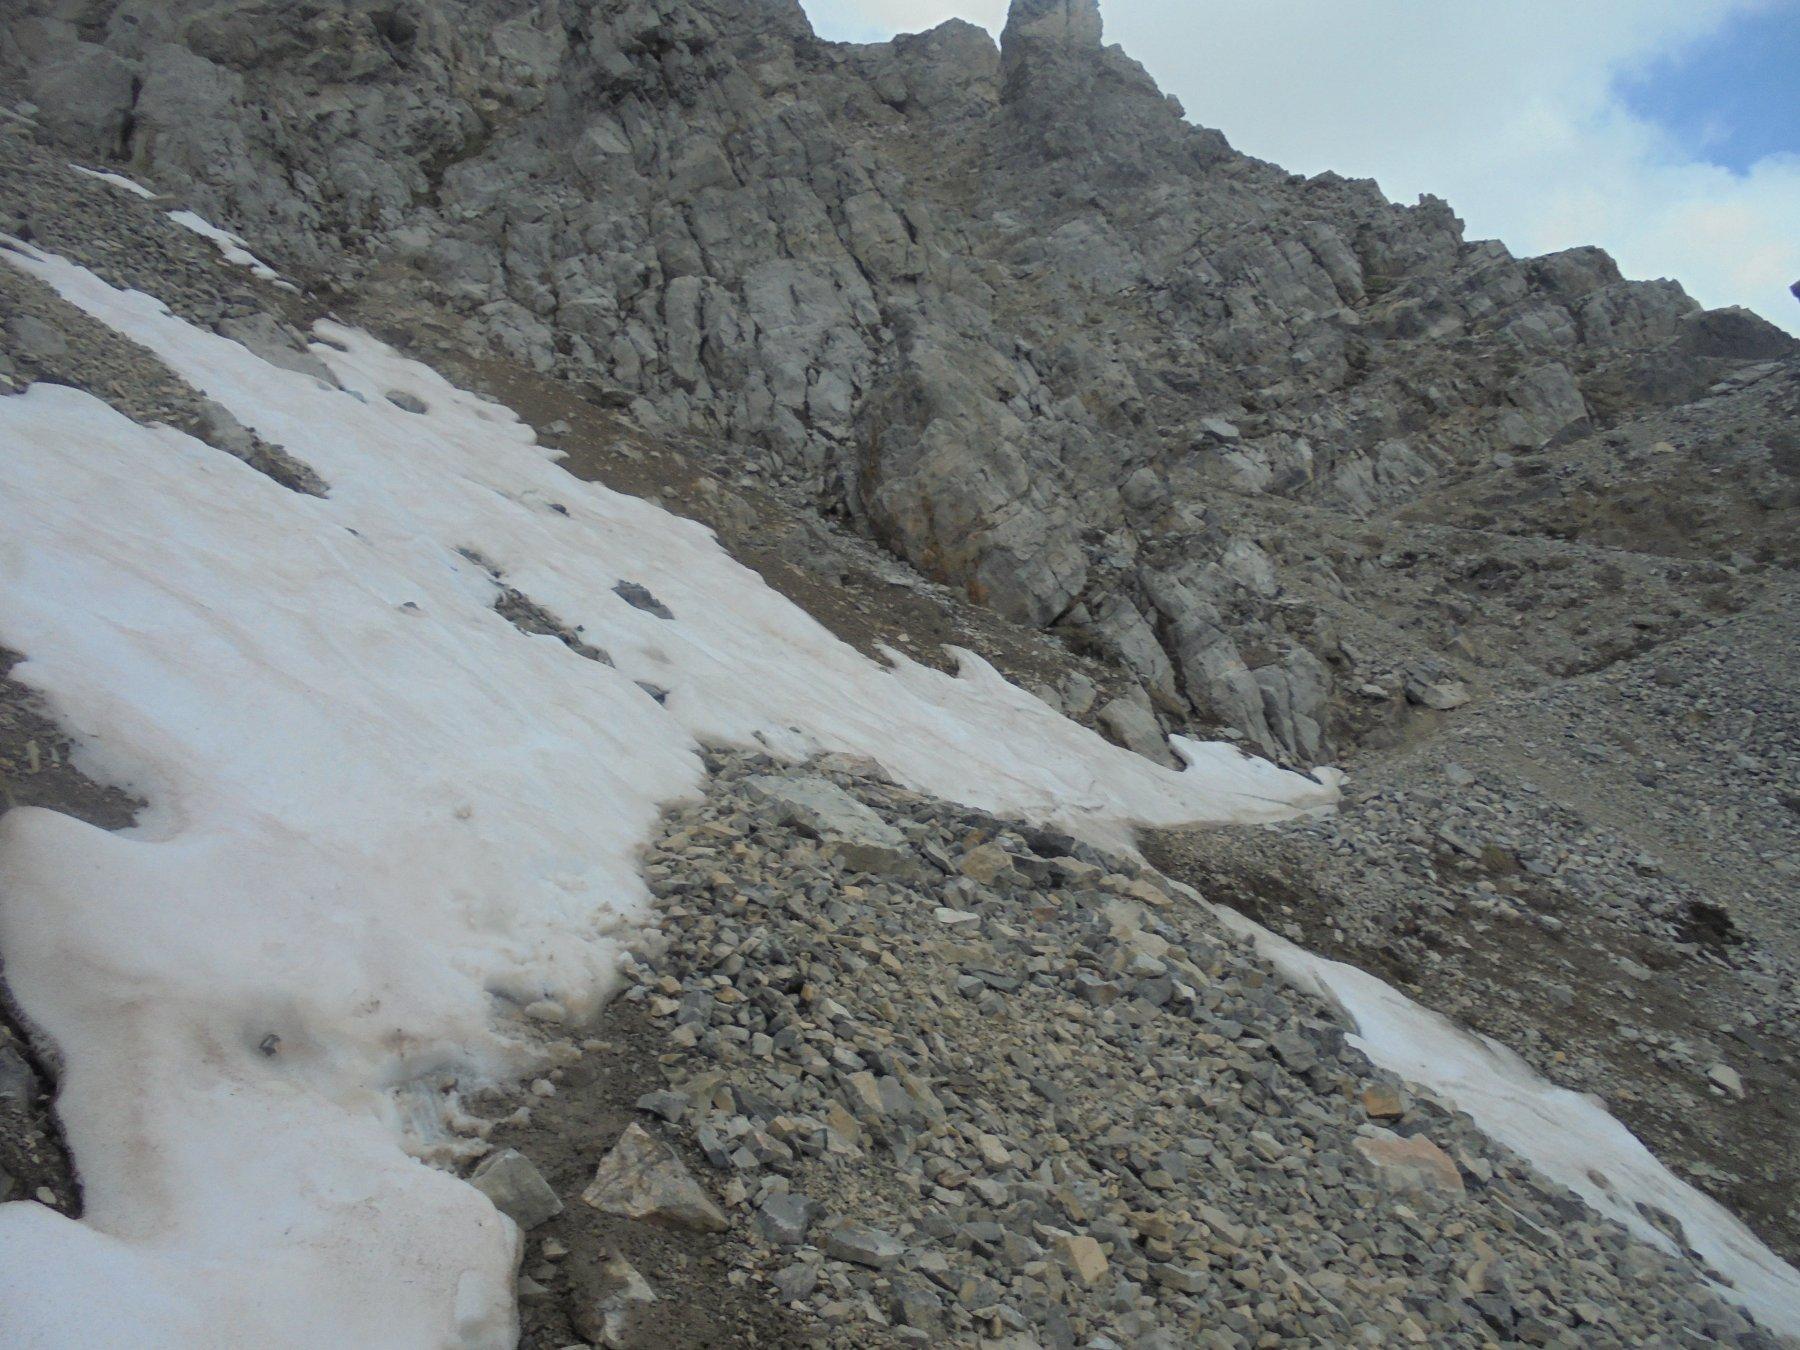 Il nevaio, in una posizione veramente poco felice